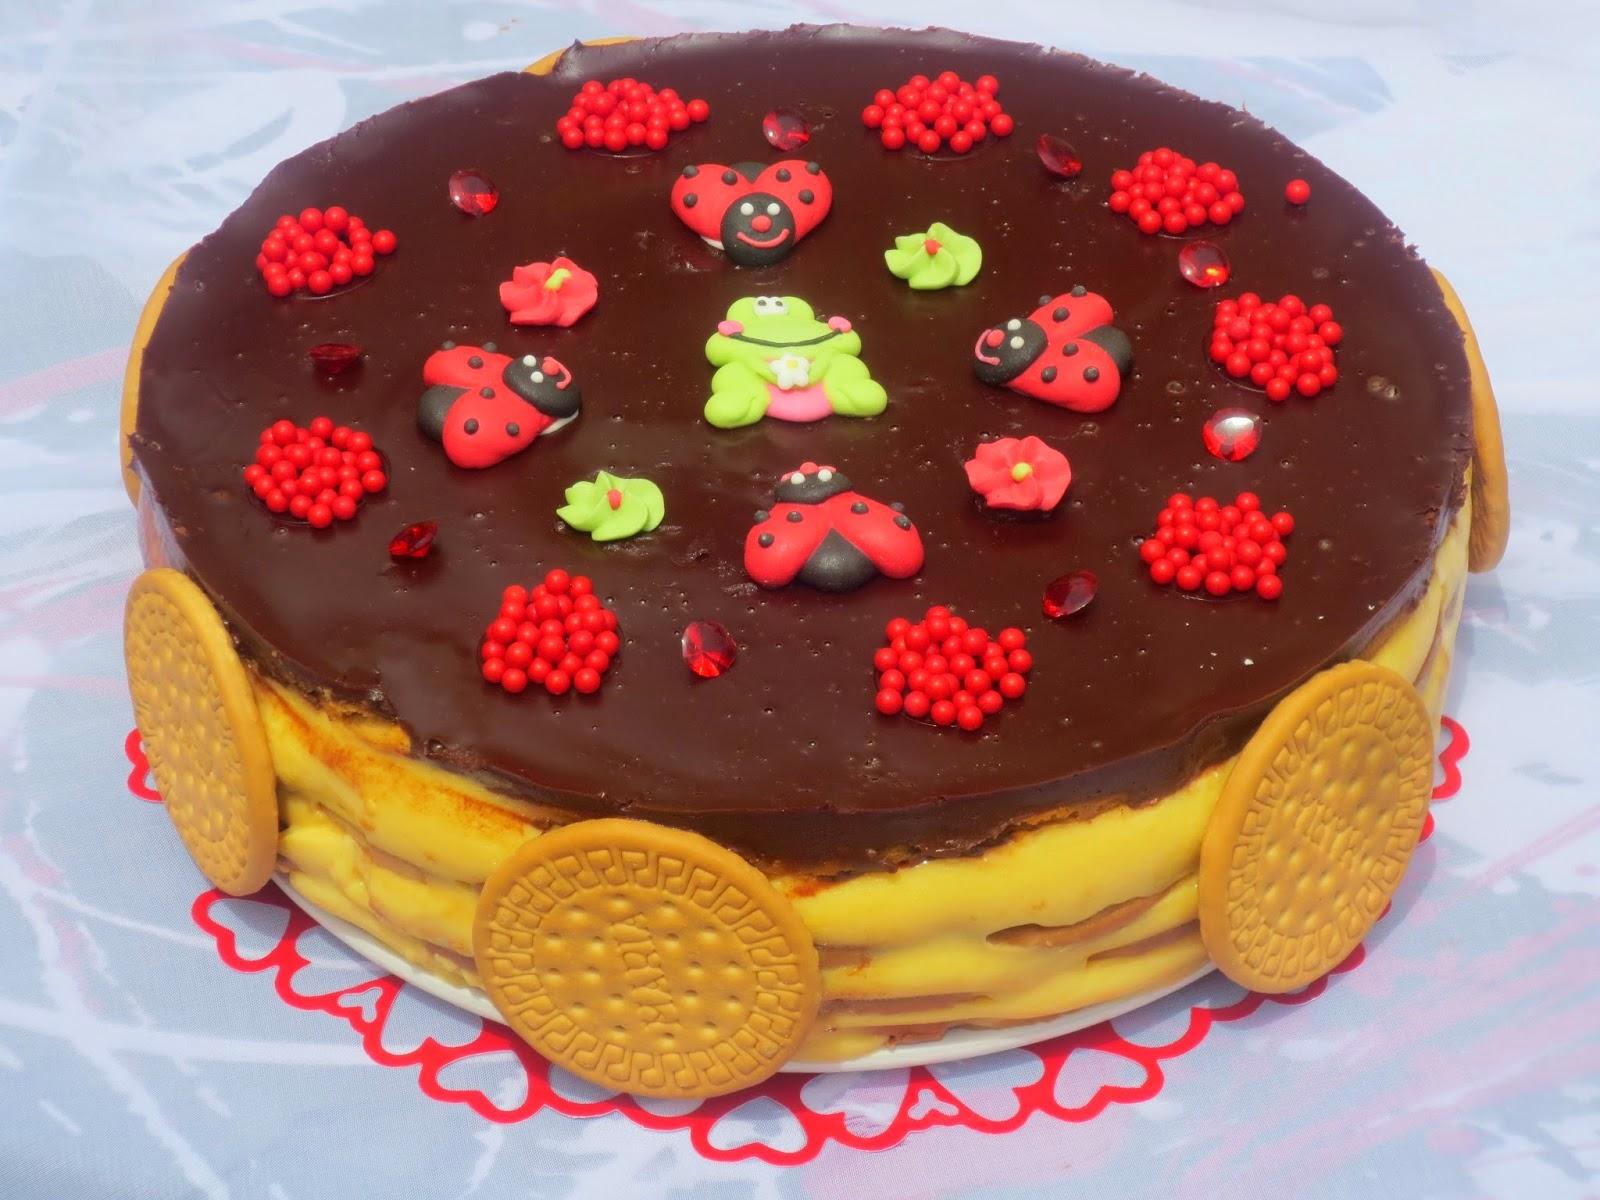 Tarta de galletas y flan Ana Sevilla cocina tradicional